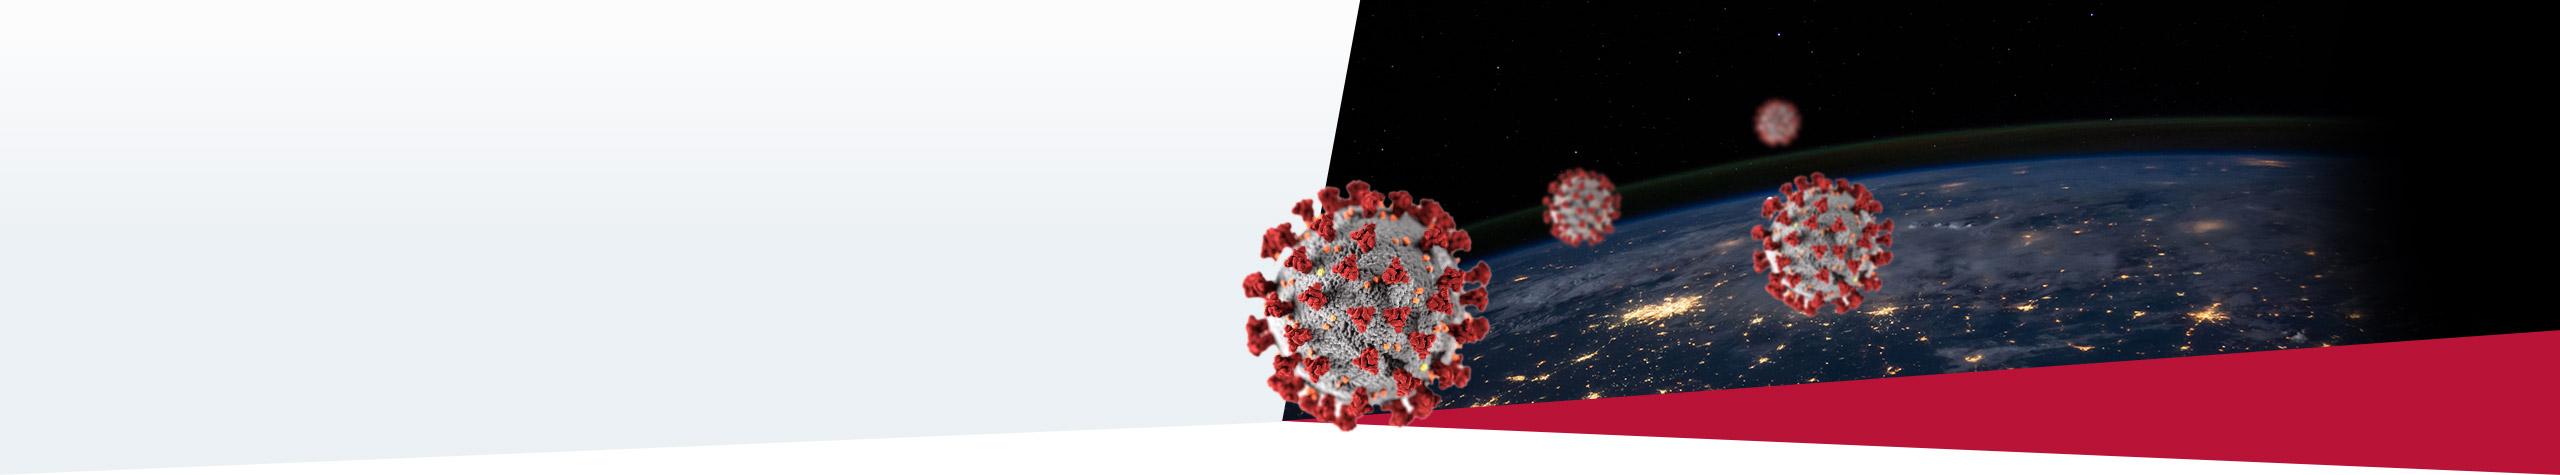 SolidLine vs. Corona Produktions- und Lieferengpässe mit additiver Fertigung überwinden.